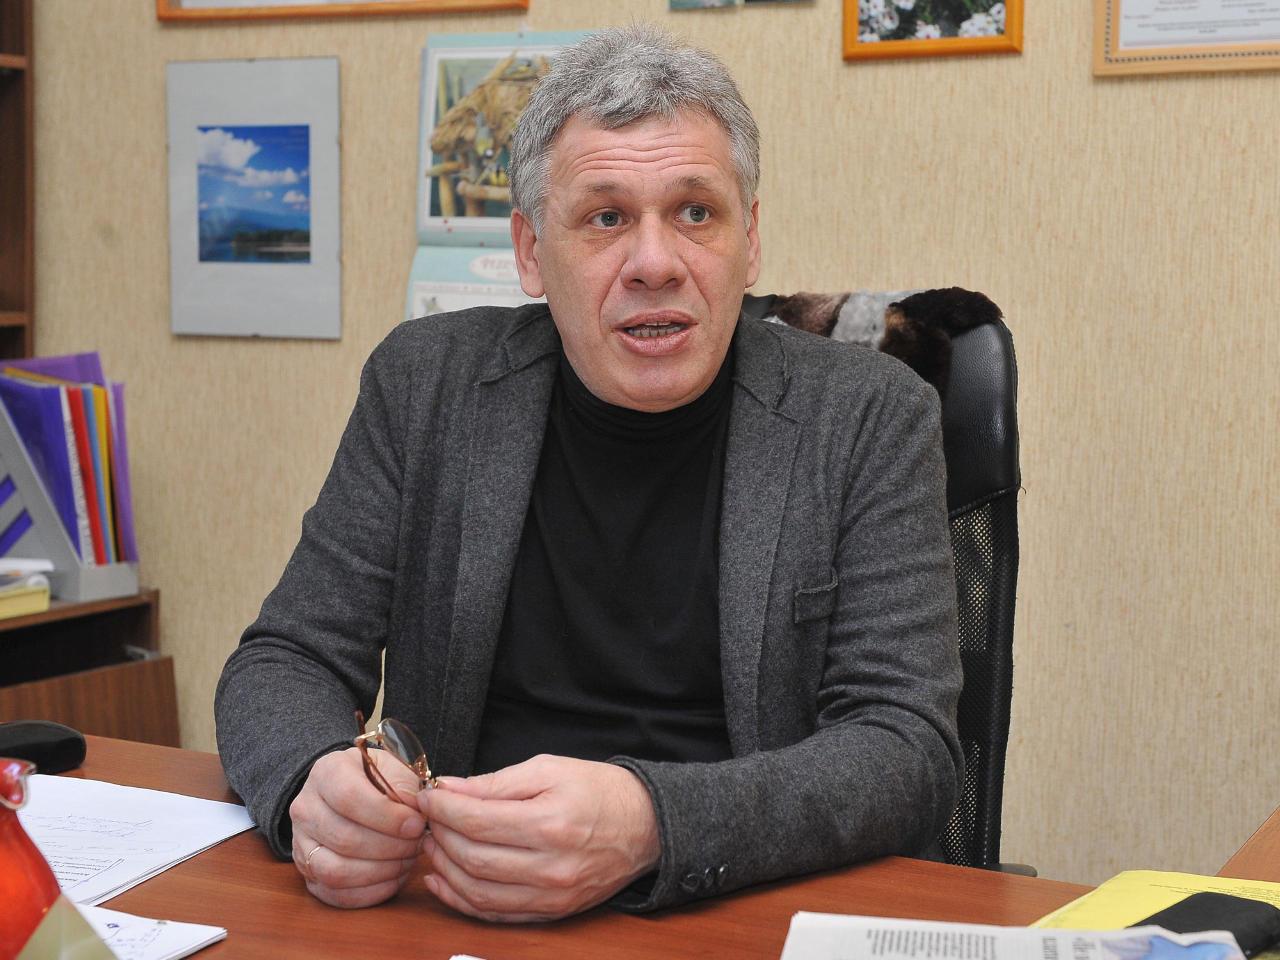 Интервью с Сергеем Саксоновым. О «Жигулевской жемчужине», деятельности НКВД и «Белой цитадели»